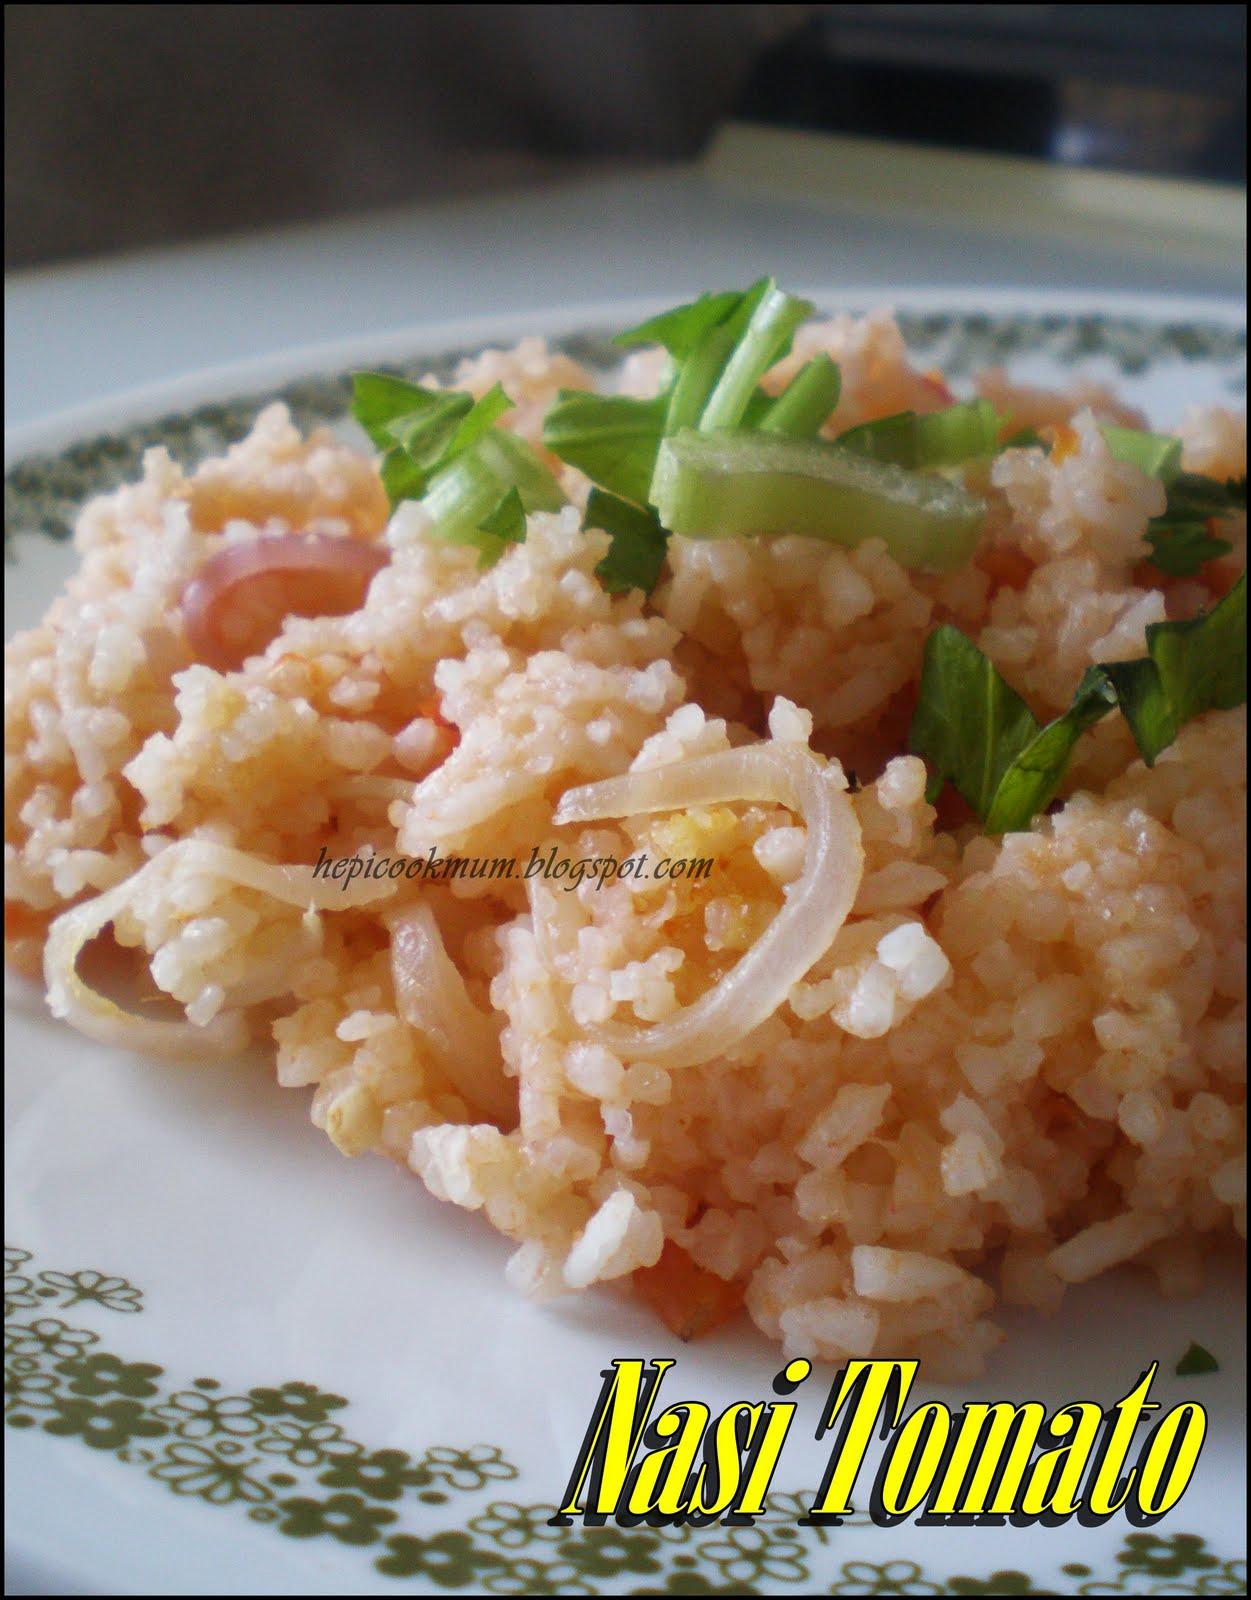 Hepi Cook Mum: Nasi Tomato